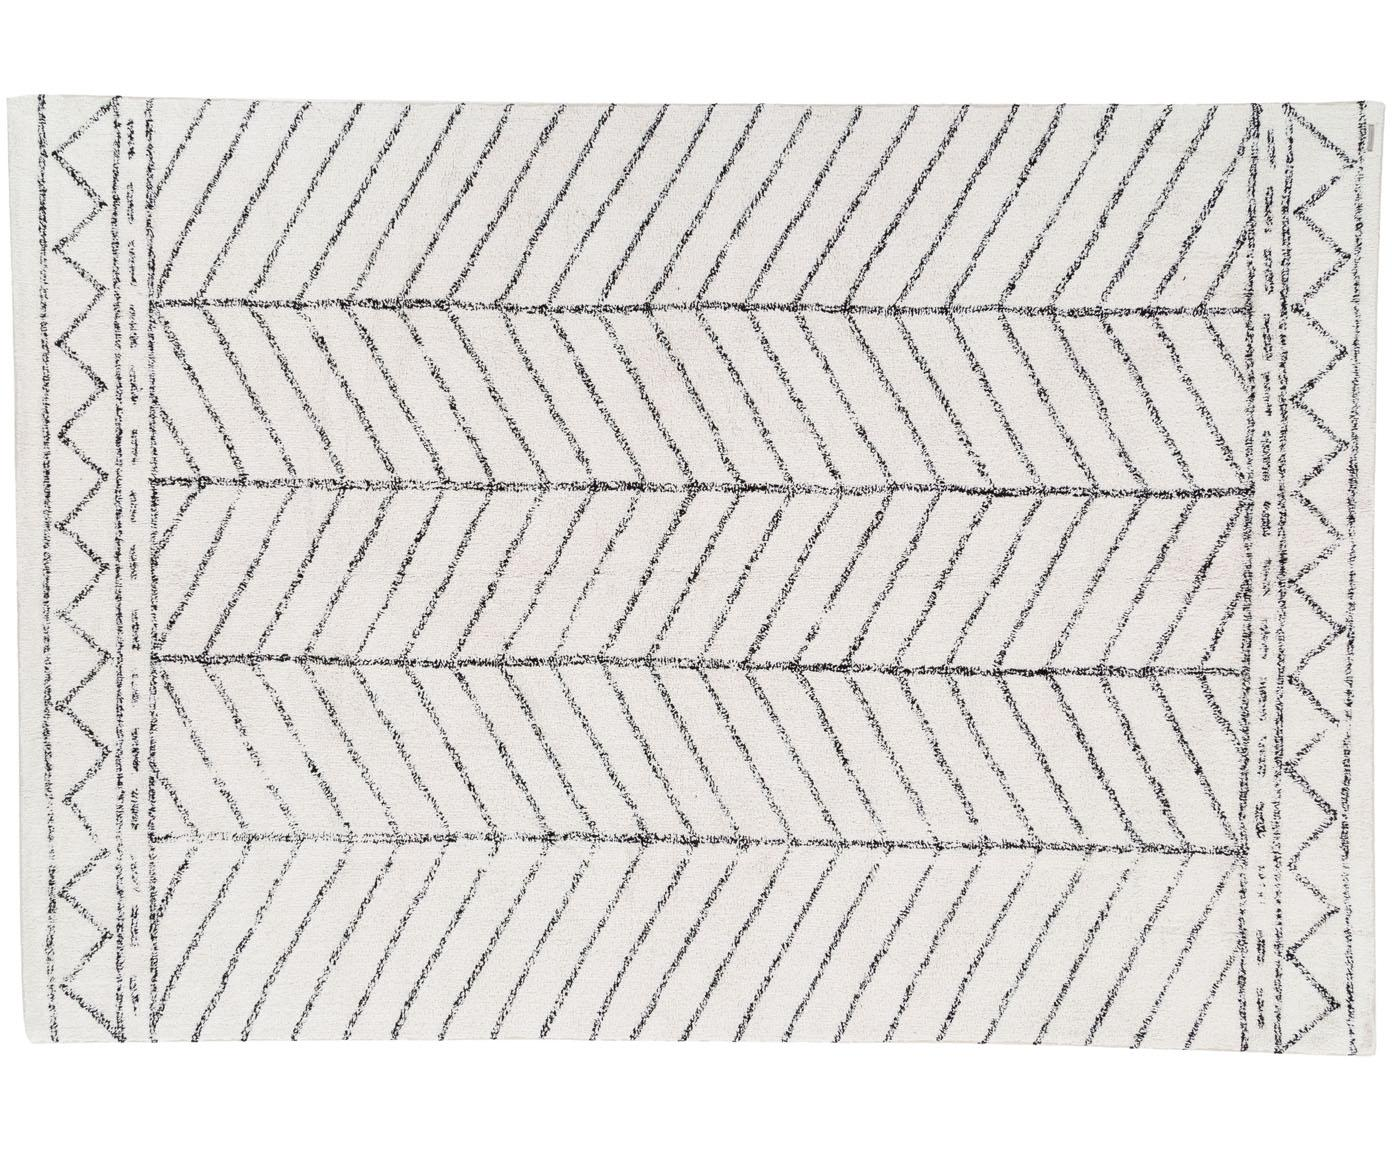 Teppich Firre mit Muster, 95% Baumwolle, 5% andere Faser, Gebrochenes Weiss, Schwarz, B 200 x L 300 cm (Grösse L)